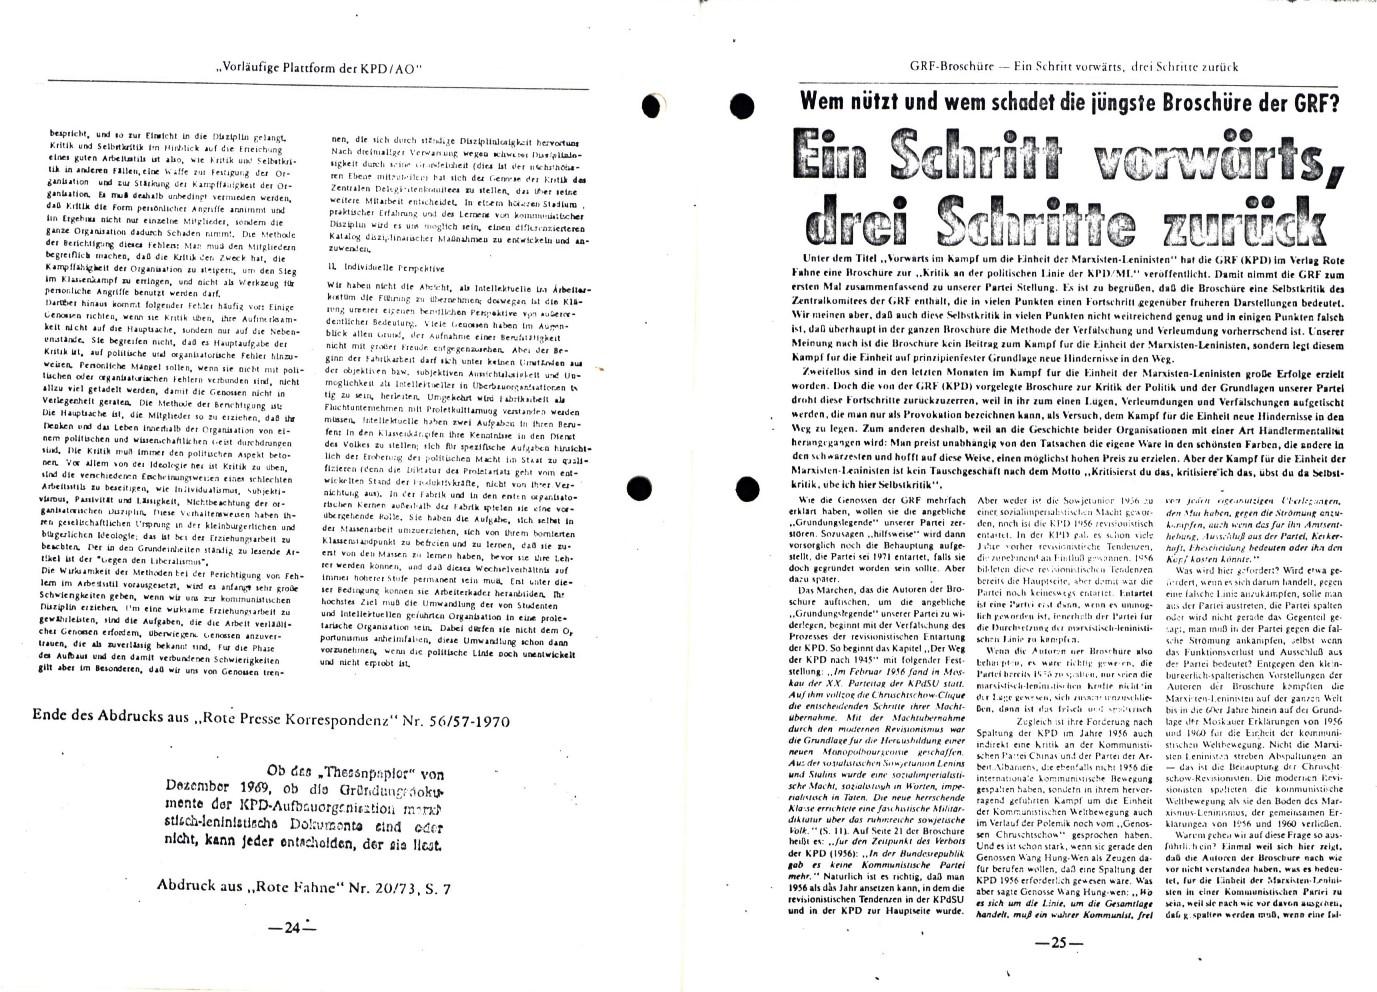 KPDML_1976_Dokumente_zur_Gruendung_14